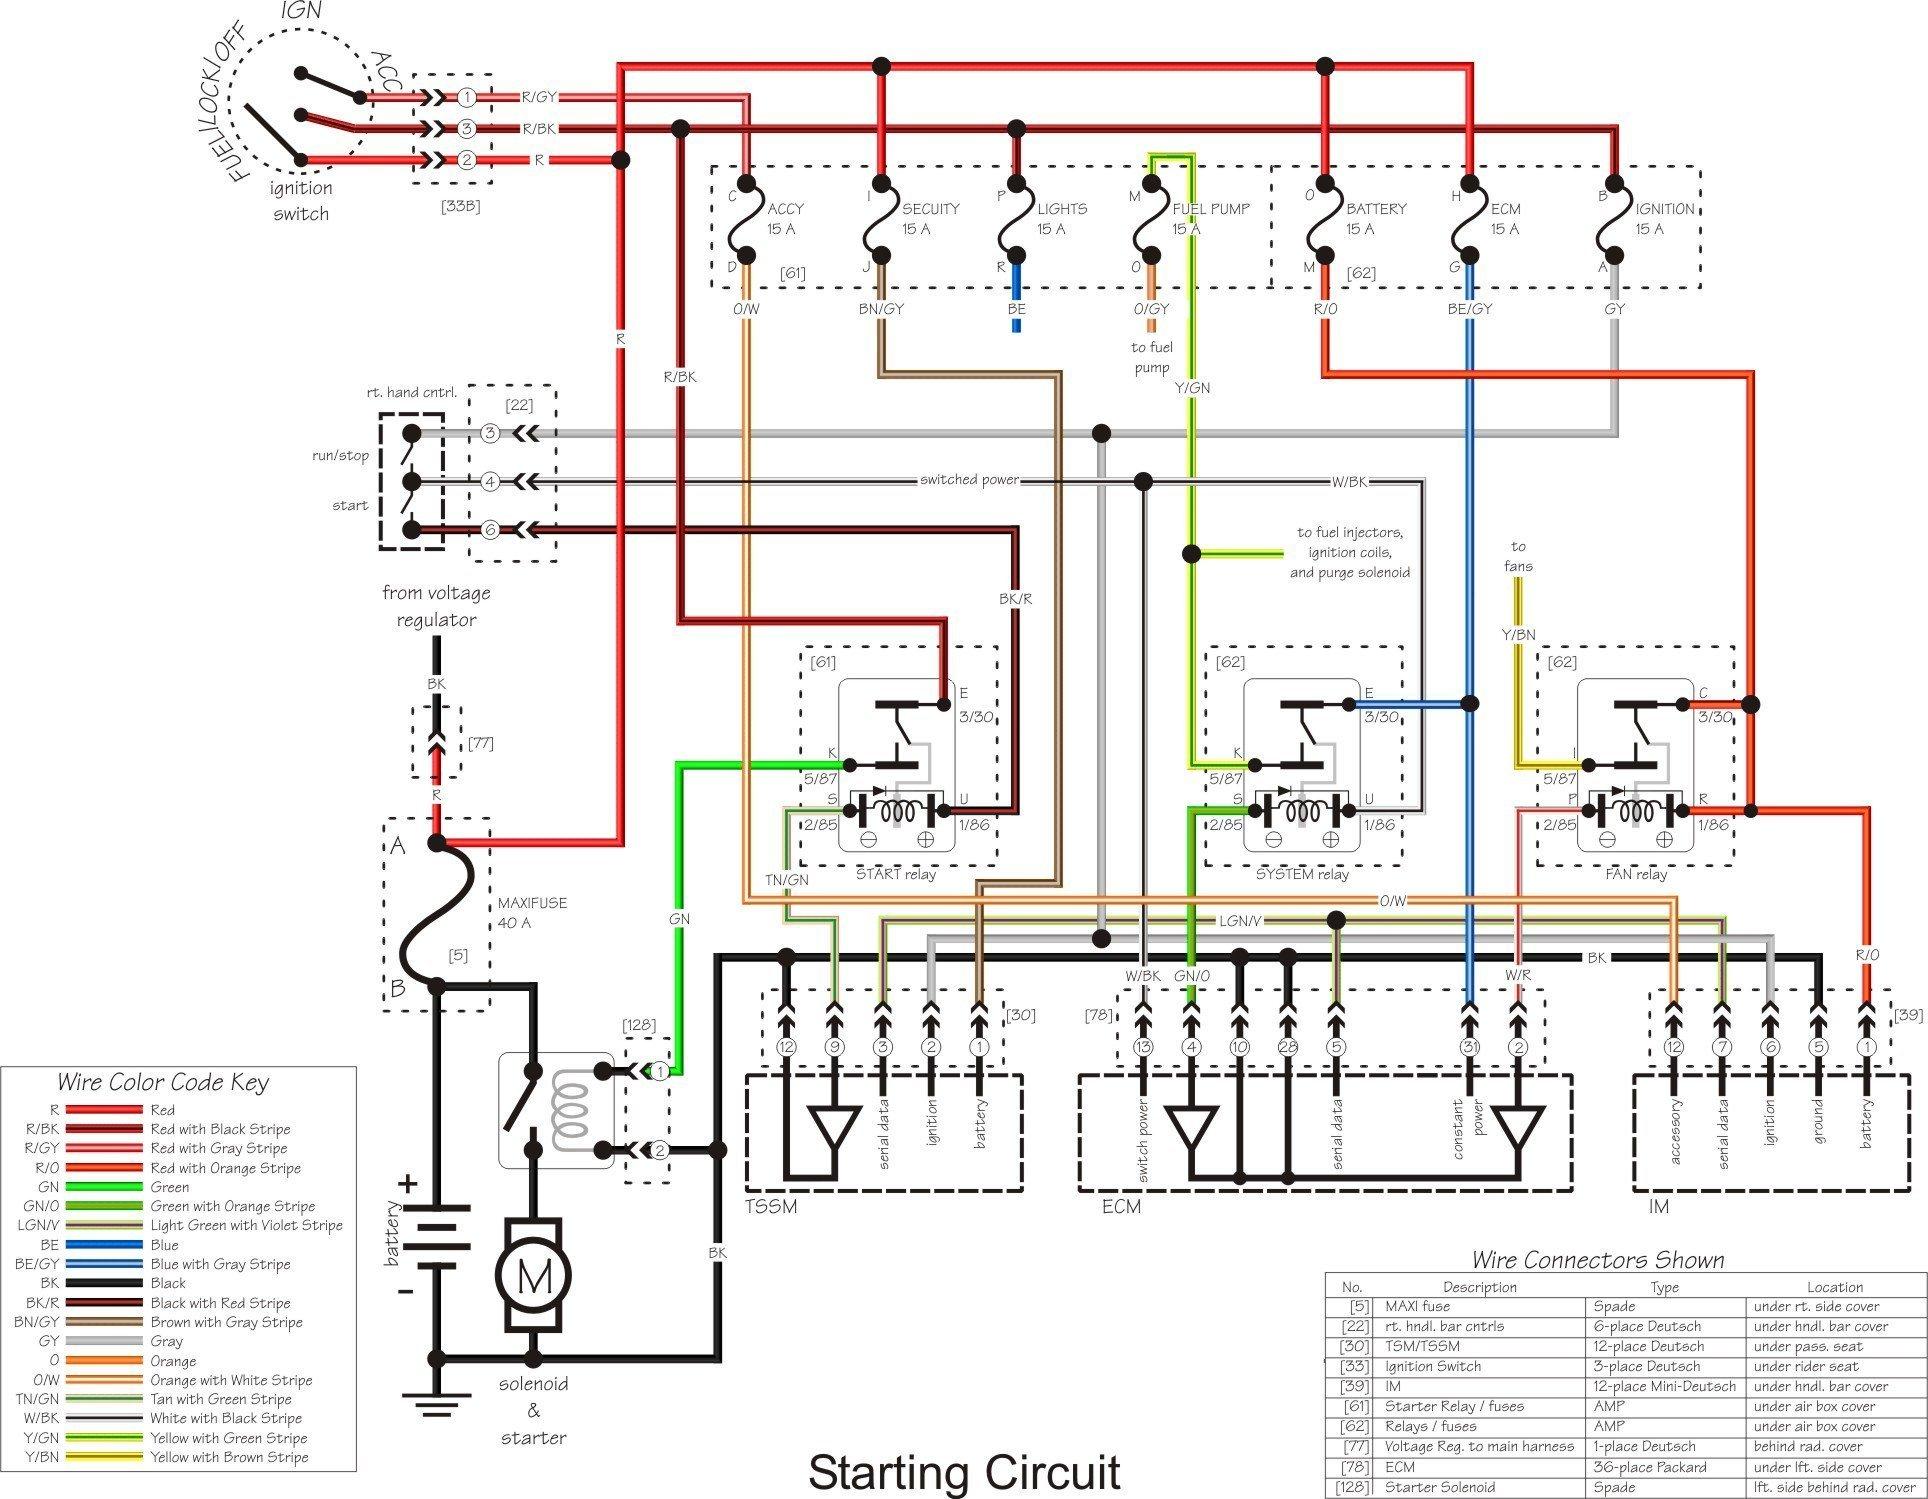 2002 yamaha r6 wiring diagram 2002 image wiring 2003 suzuki sv650 wiring diagram auto wiring diagram on 2002 yamaha r6 wiring diagram